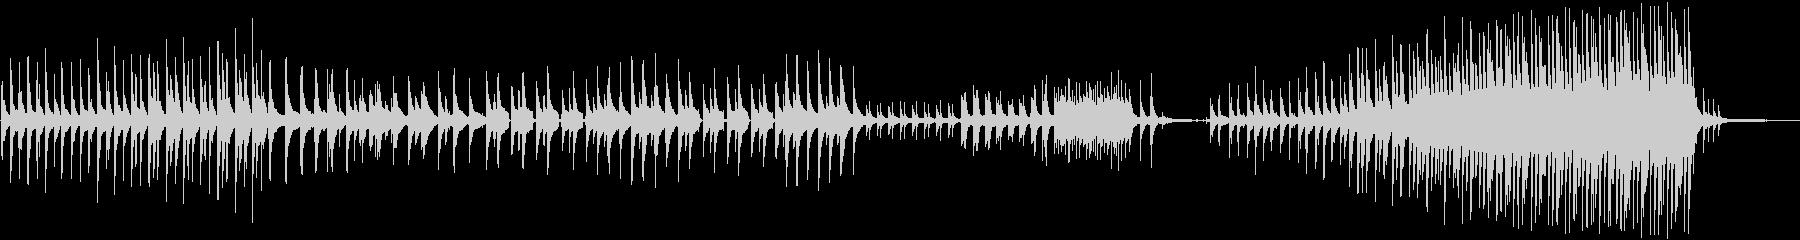 静かに始まり壮大になるピアノ曲の未再生の波形